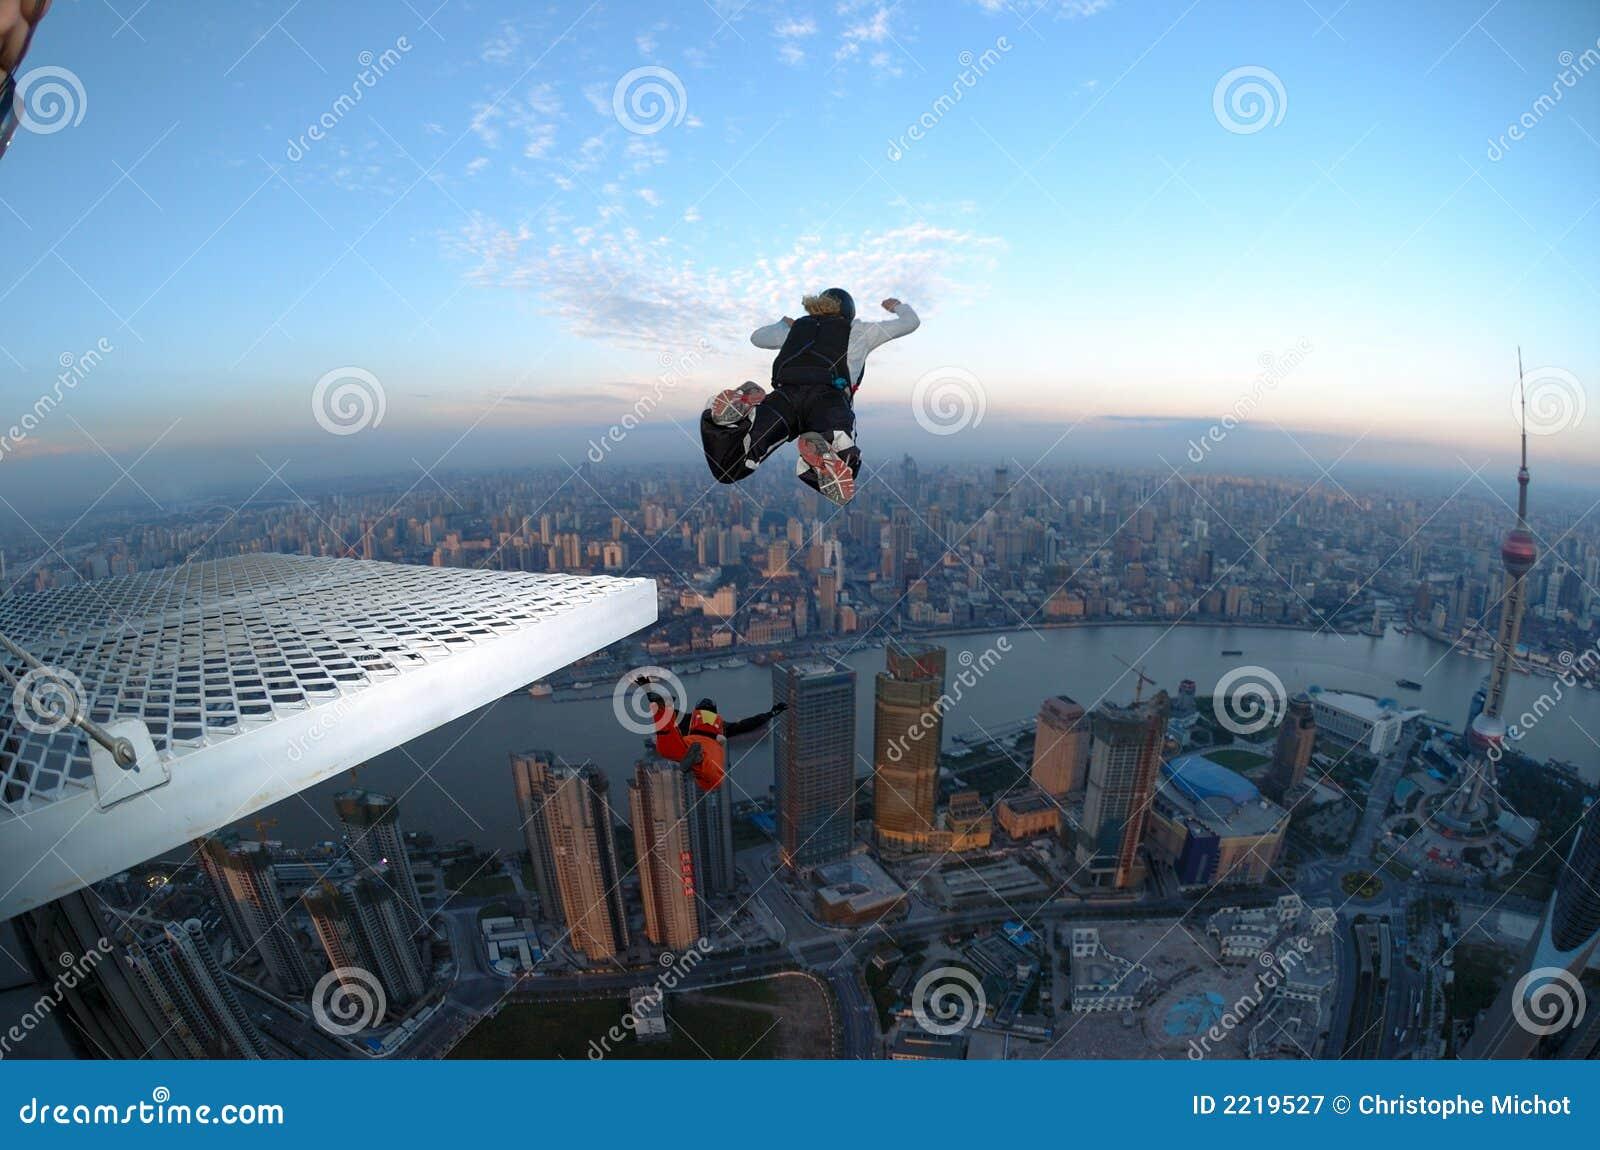 BASE jump Shanghai at sunrise